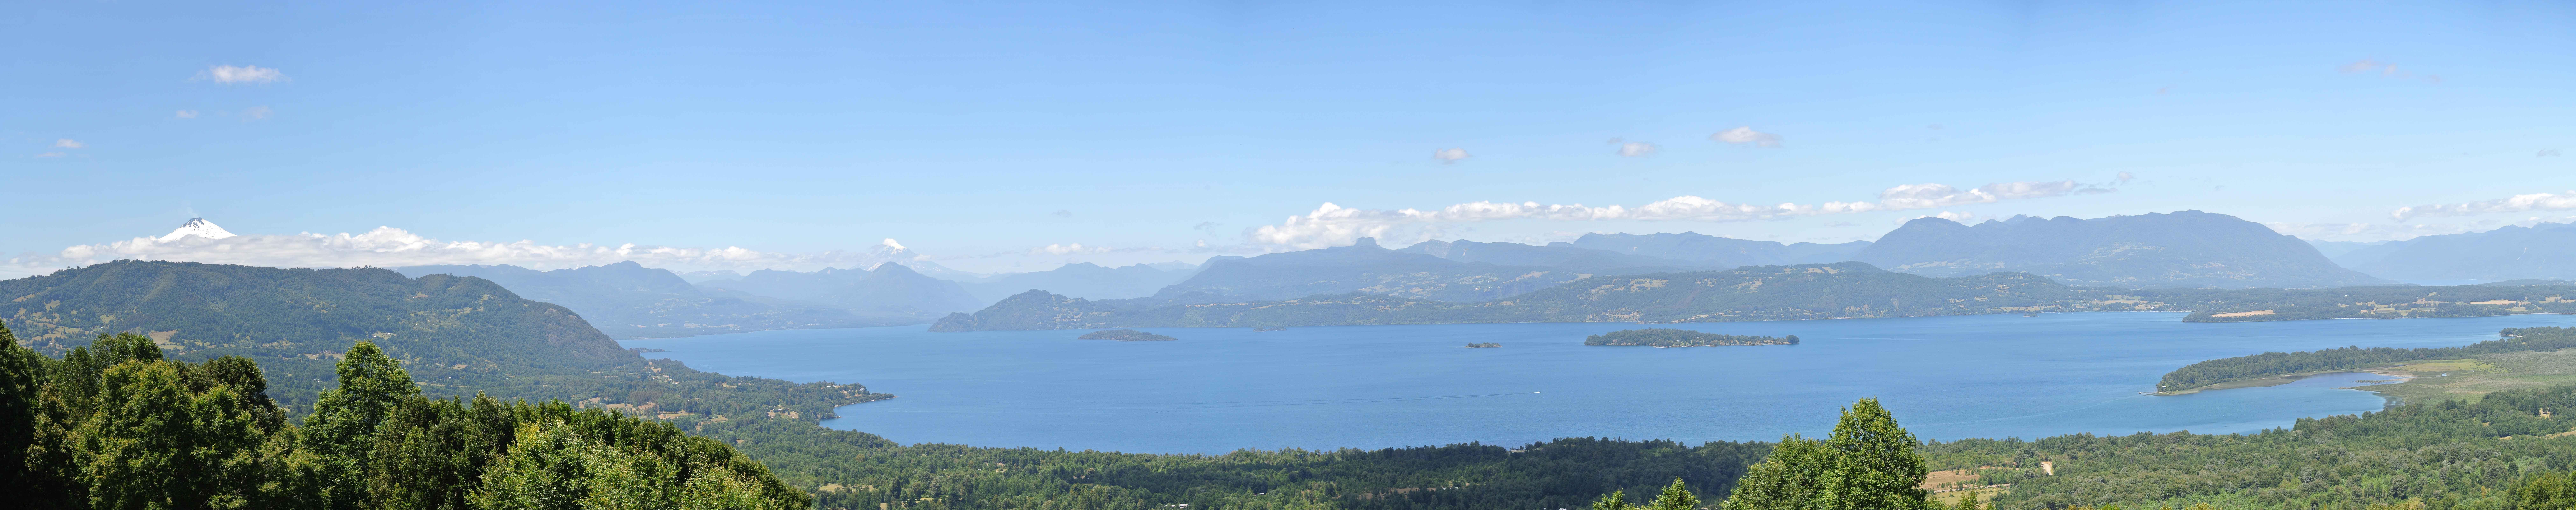 004 2301 Lago Quillelhue - Mirador Lago Calafquen 20JPG